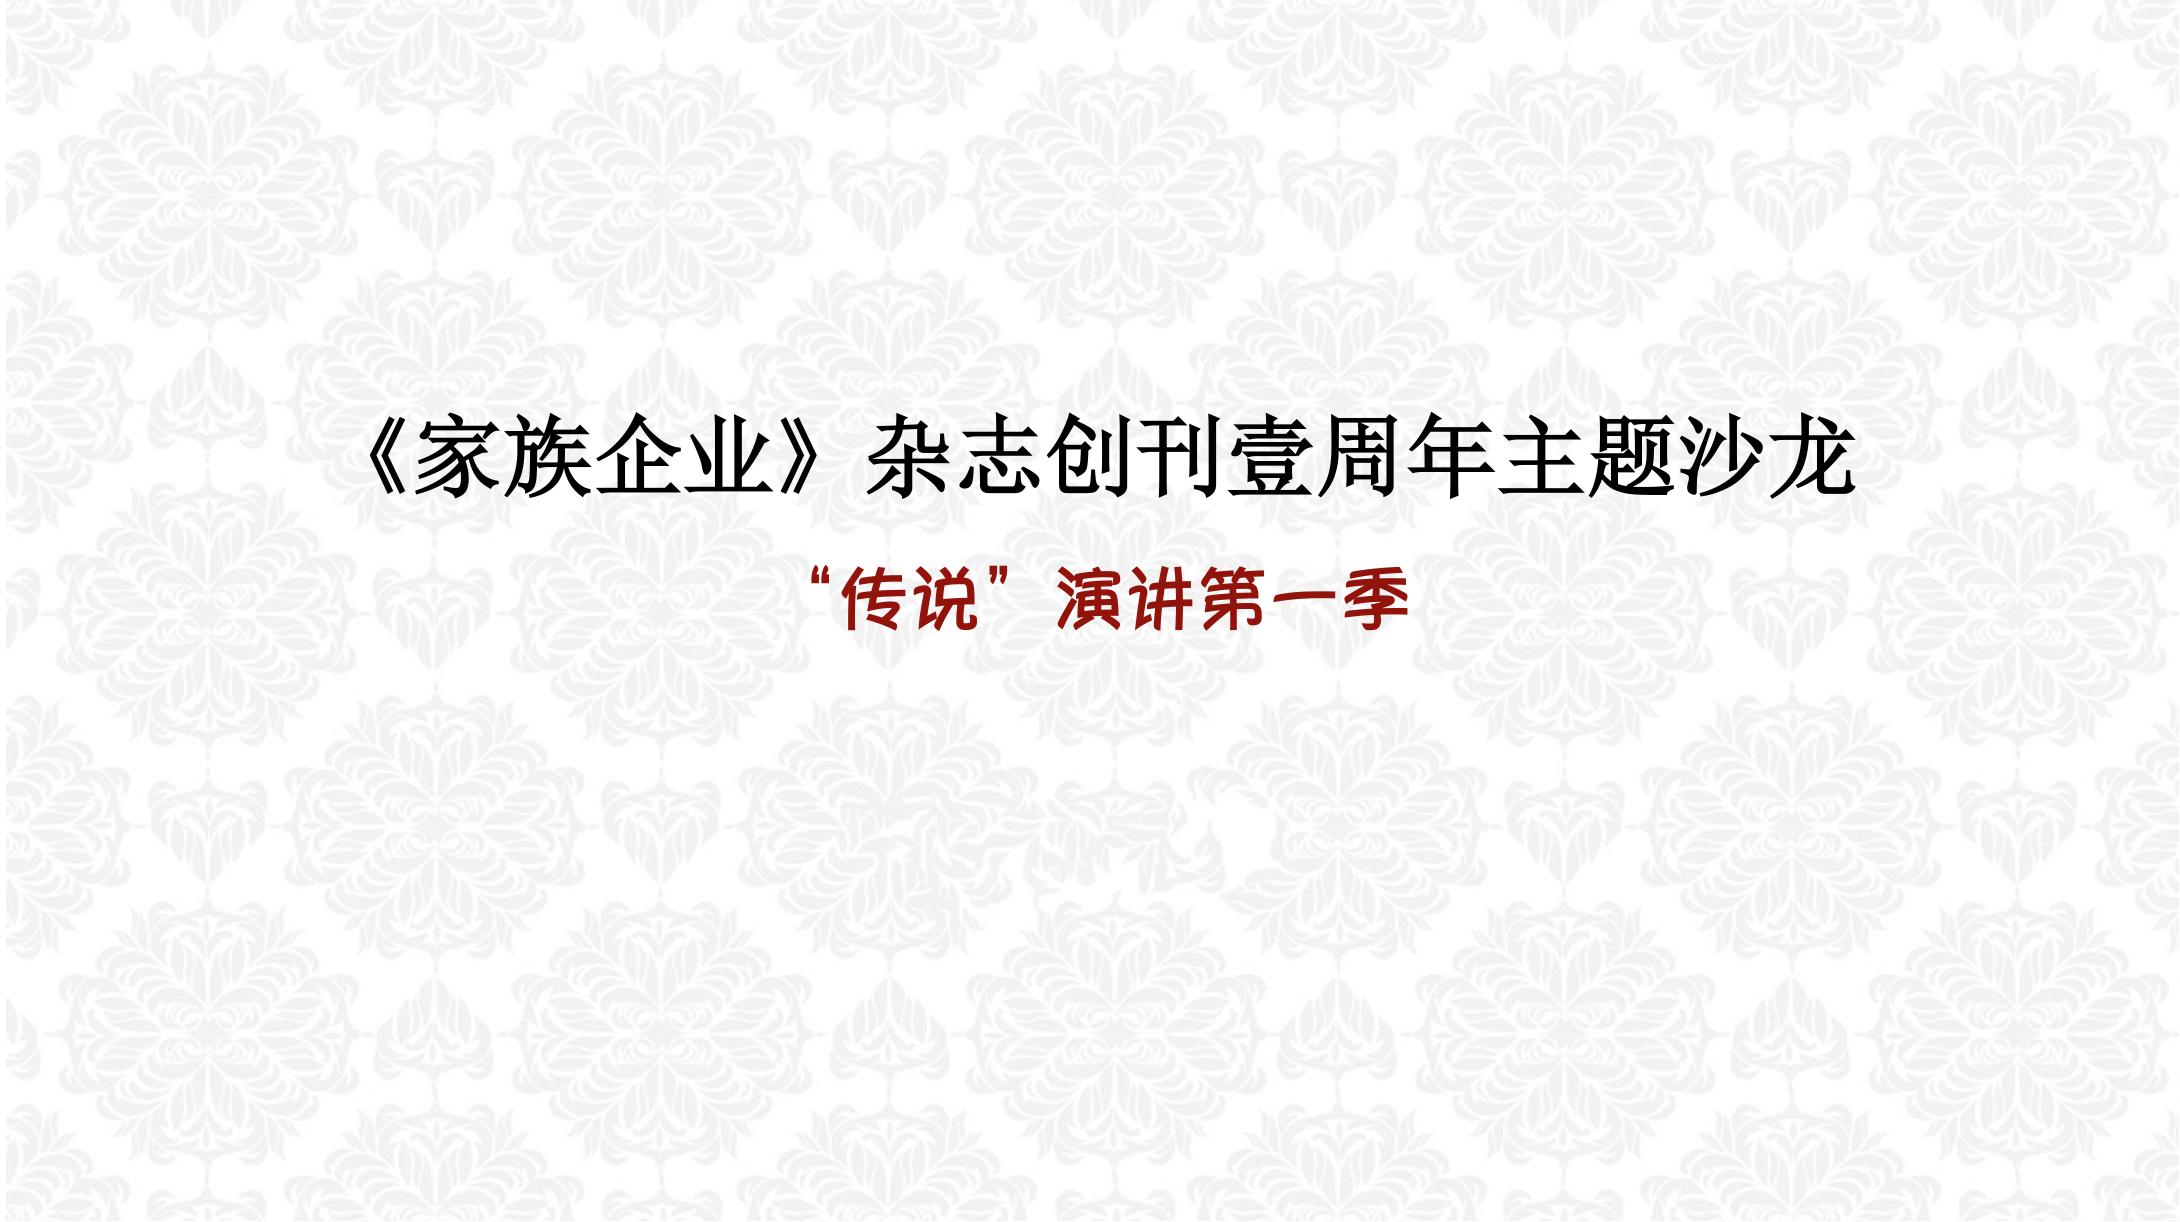 《家族企业》杂志创刊壹周年主题沙龙